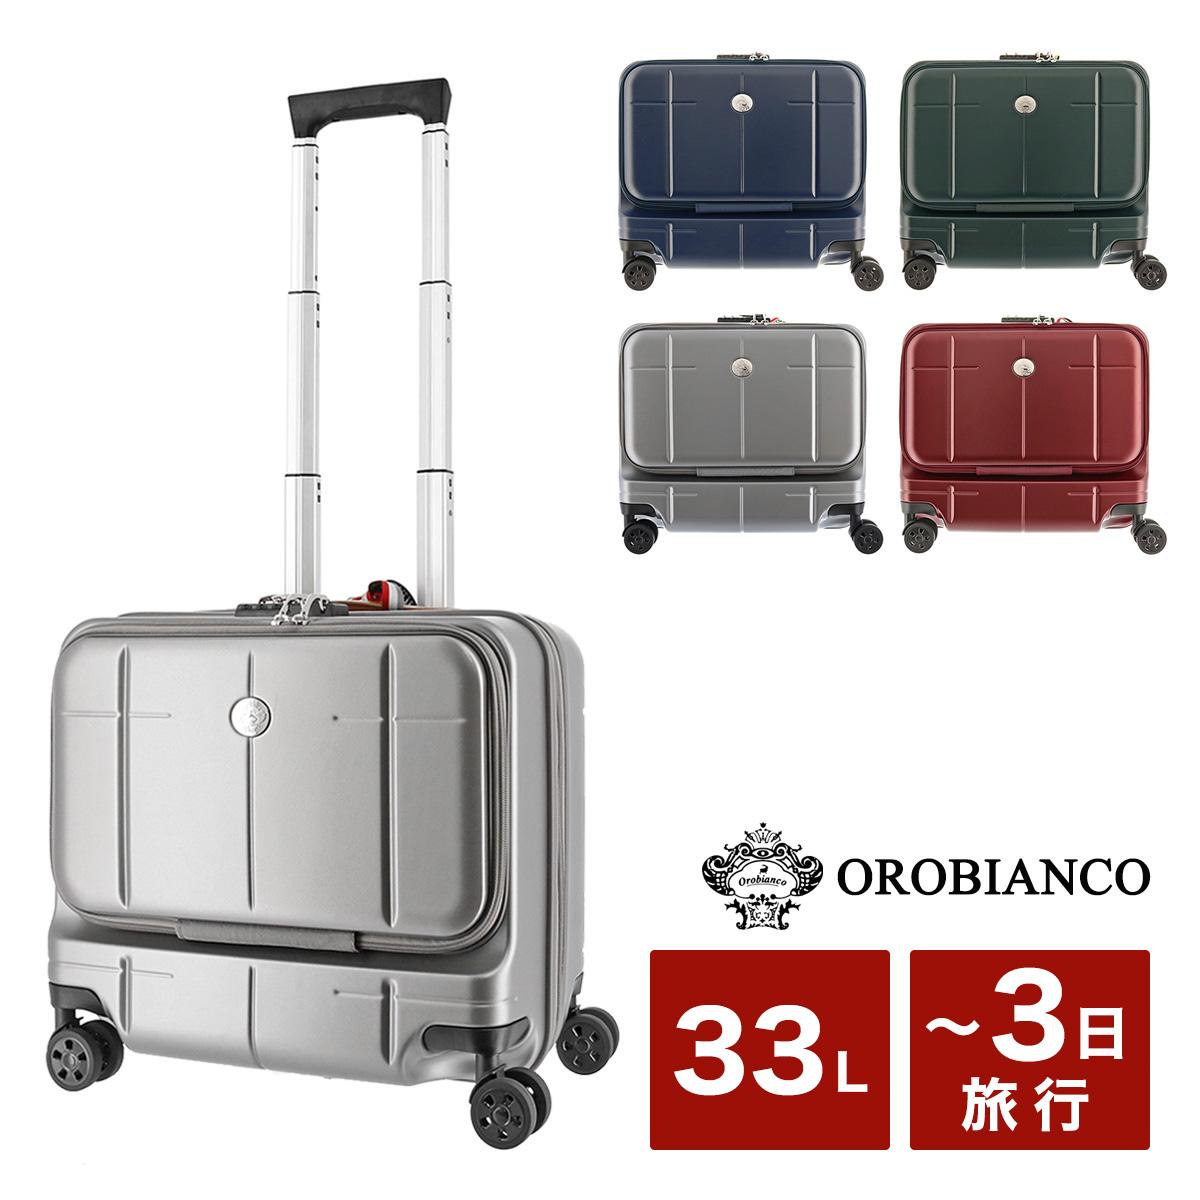 オロビアンコ スーツケース 37cm ハード ARZILLO 33L 9711 OROBIANCO キャリーケース TSAロック搭載 フロントオープン ポケット付き メンズ[即日発送]